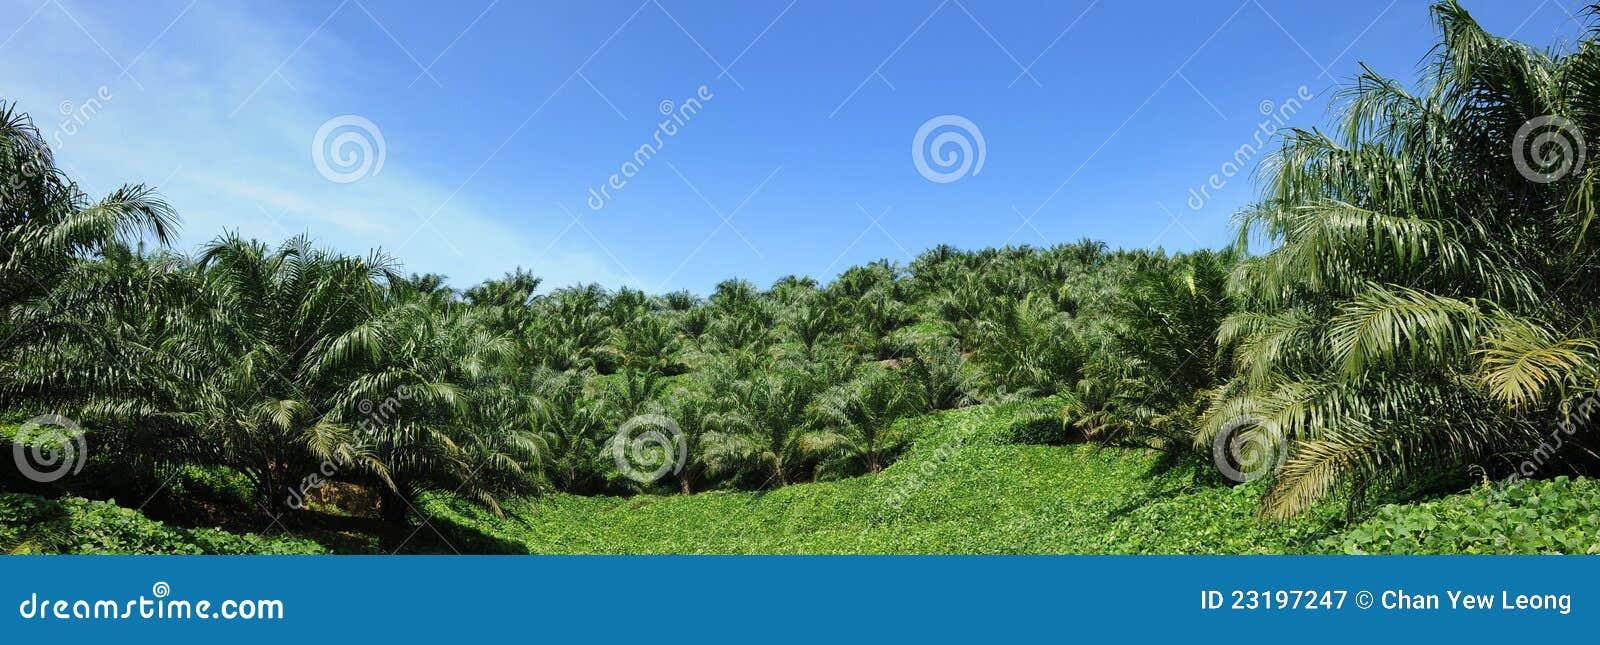 Pianta della palma da olio